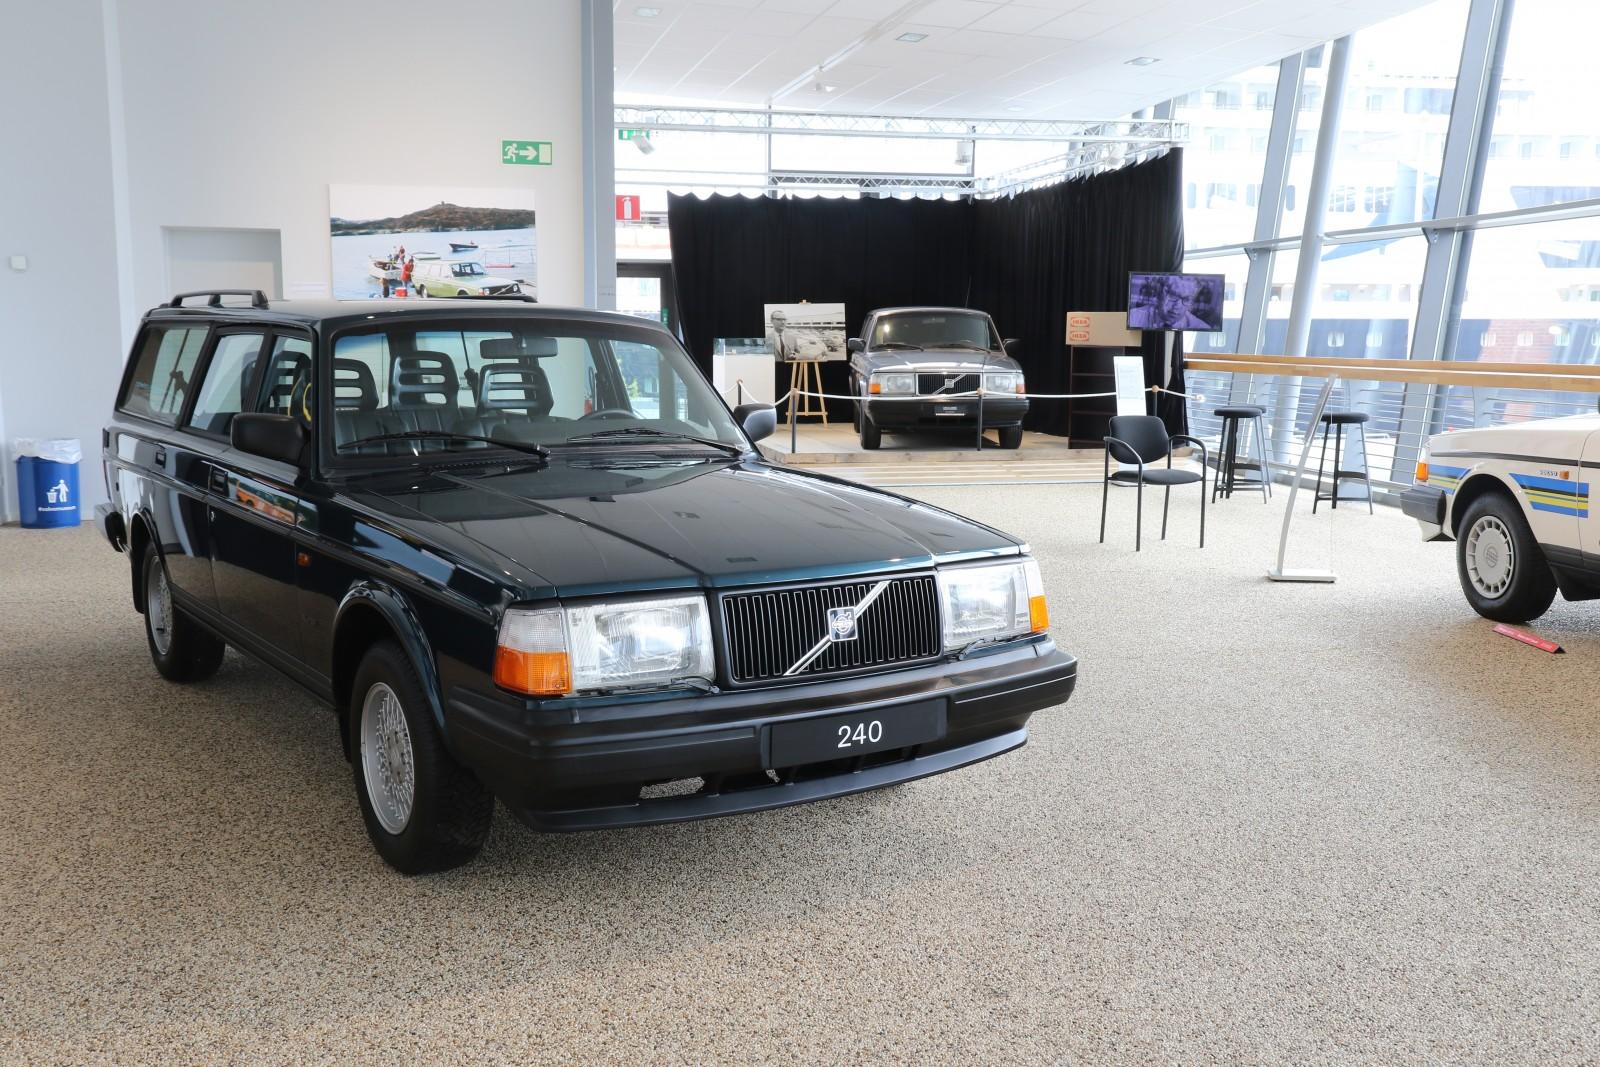 Den allra sist tillverkade 240:n var den här. En 240 Super Polar som många bilarbetare passade på att signera undertill innan den rullade av bandet i maj 1993.